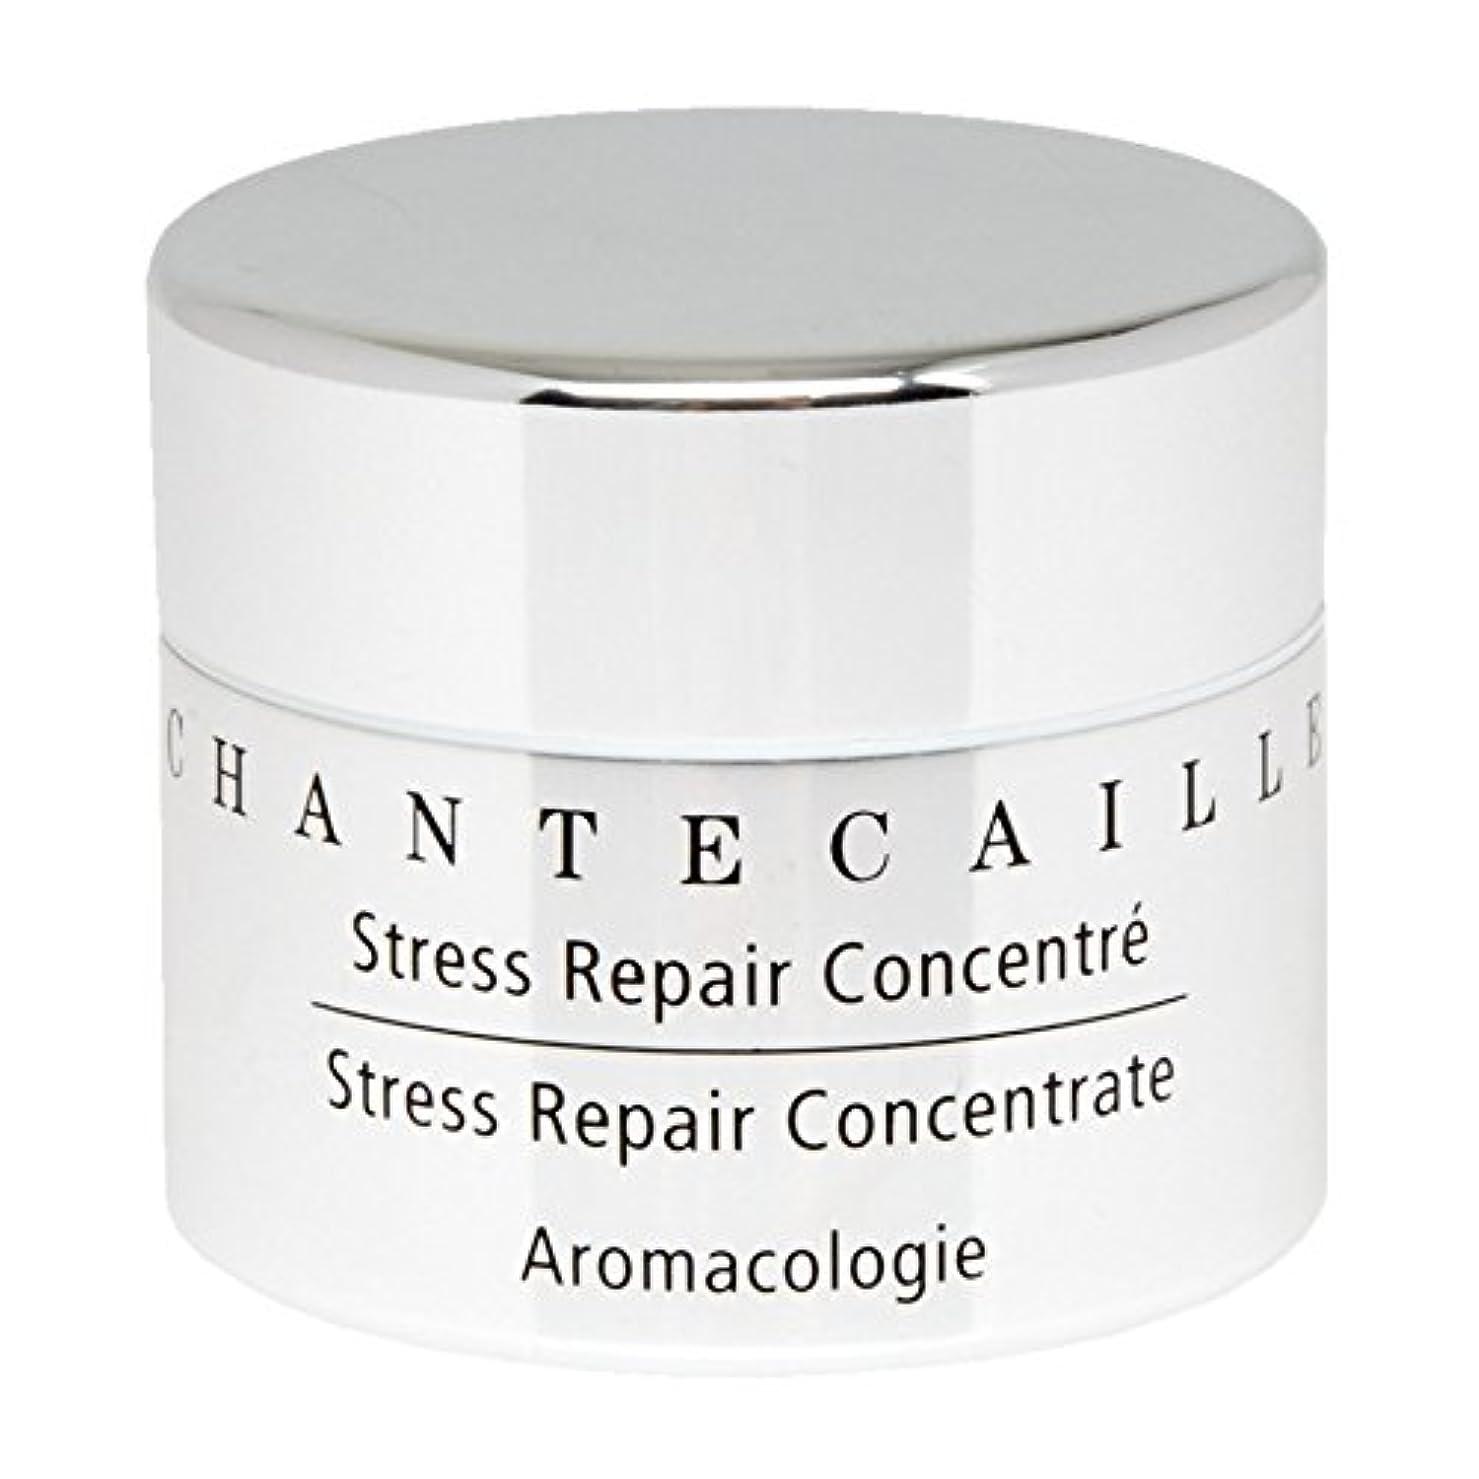 洗練予報部シャンテカイユストレス修復濃縮15ミリリットル x4 - Chantecaille Stress Repair Concentrate 15ml (Pack of 4) [並行輸入品]